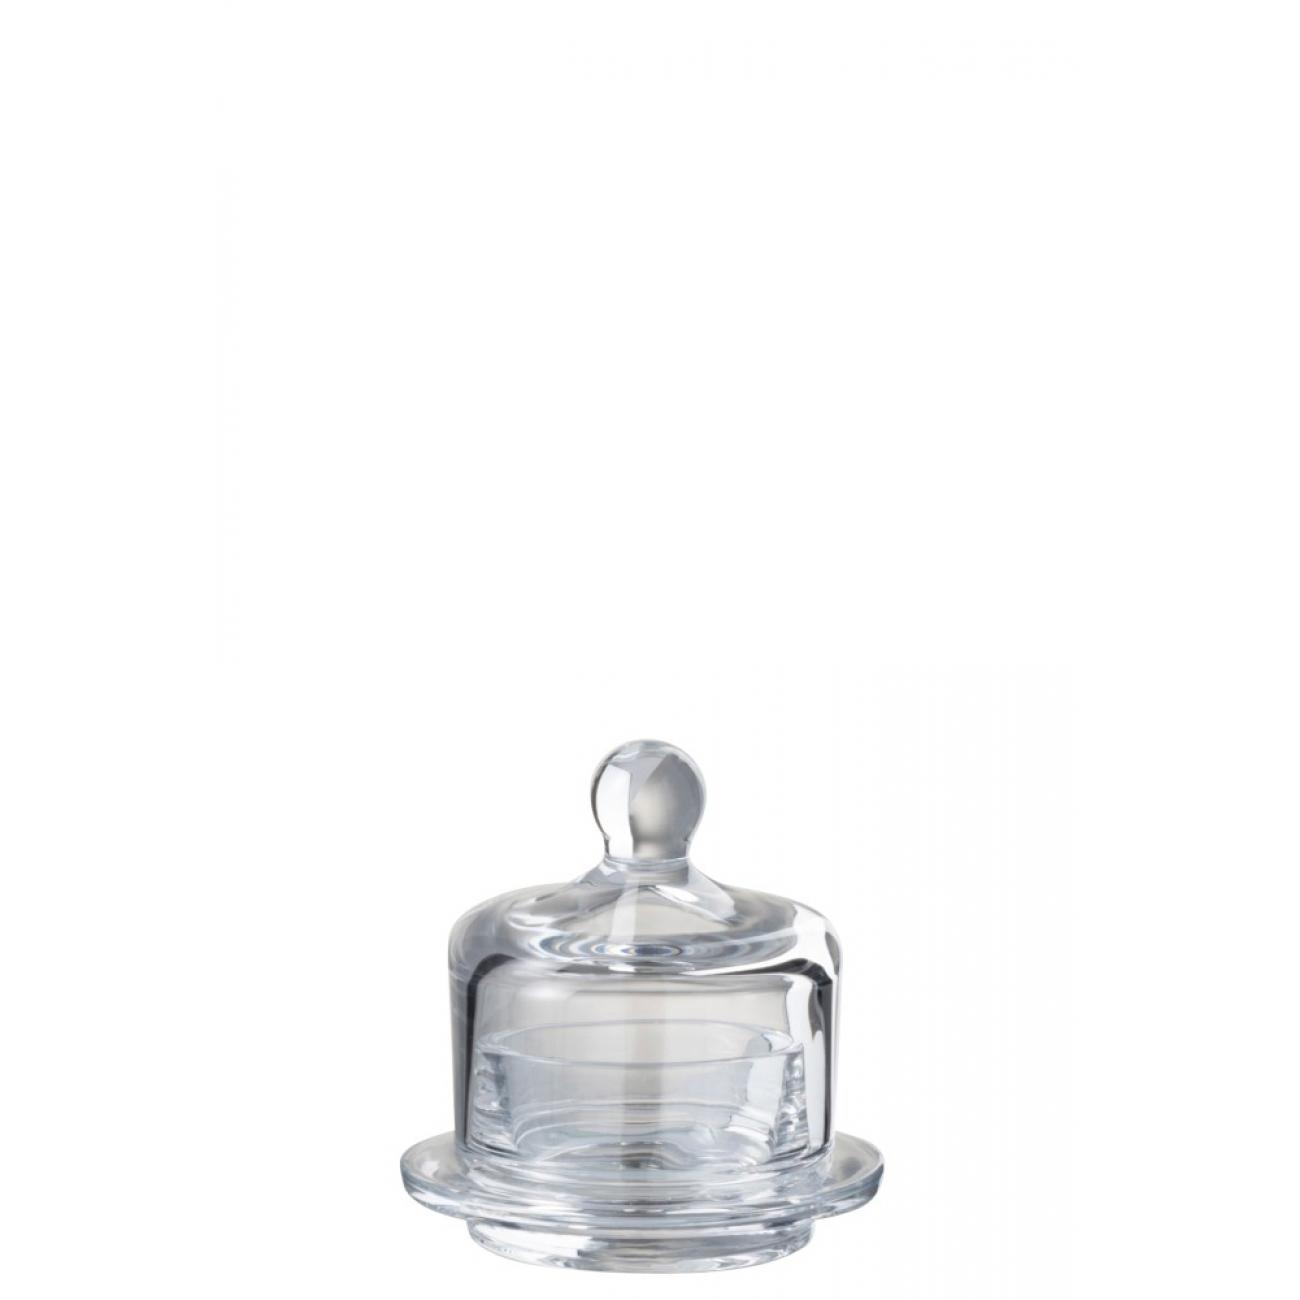 Икорница емкость для масла\соуса  J-LINE стеклянная масленка